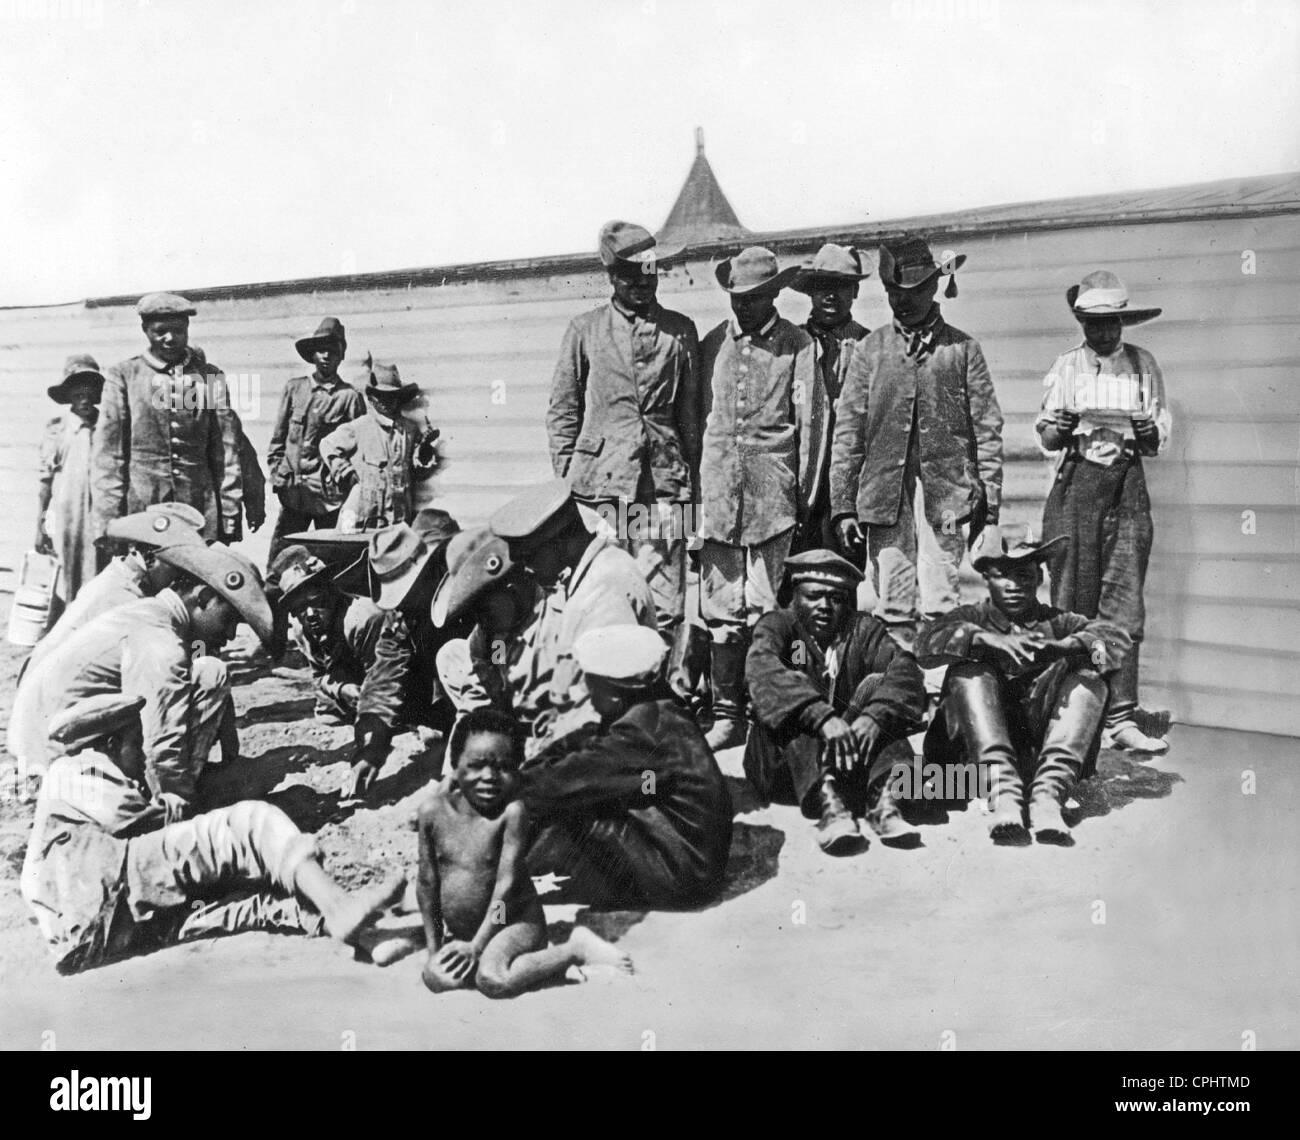 Hottentots comme compagnons d'armes des Allemands en Afrique du Sud-Ouest, 1904 Photo Stock